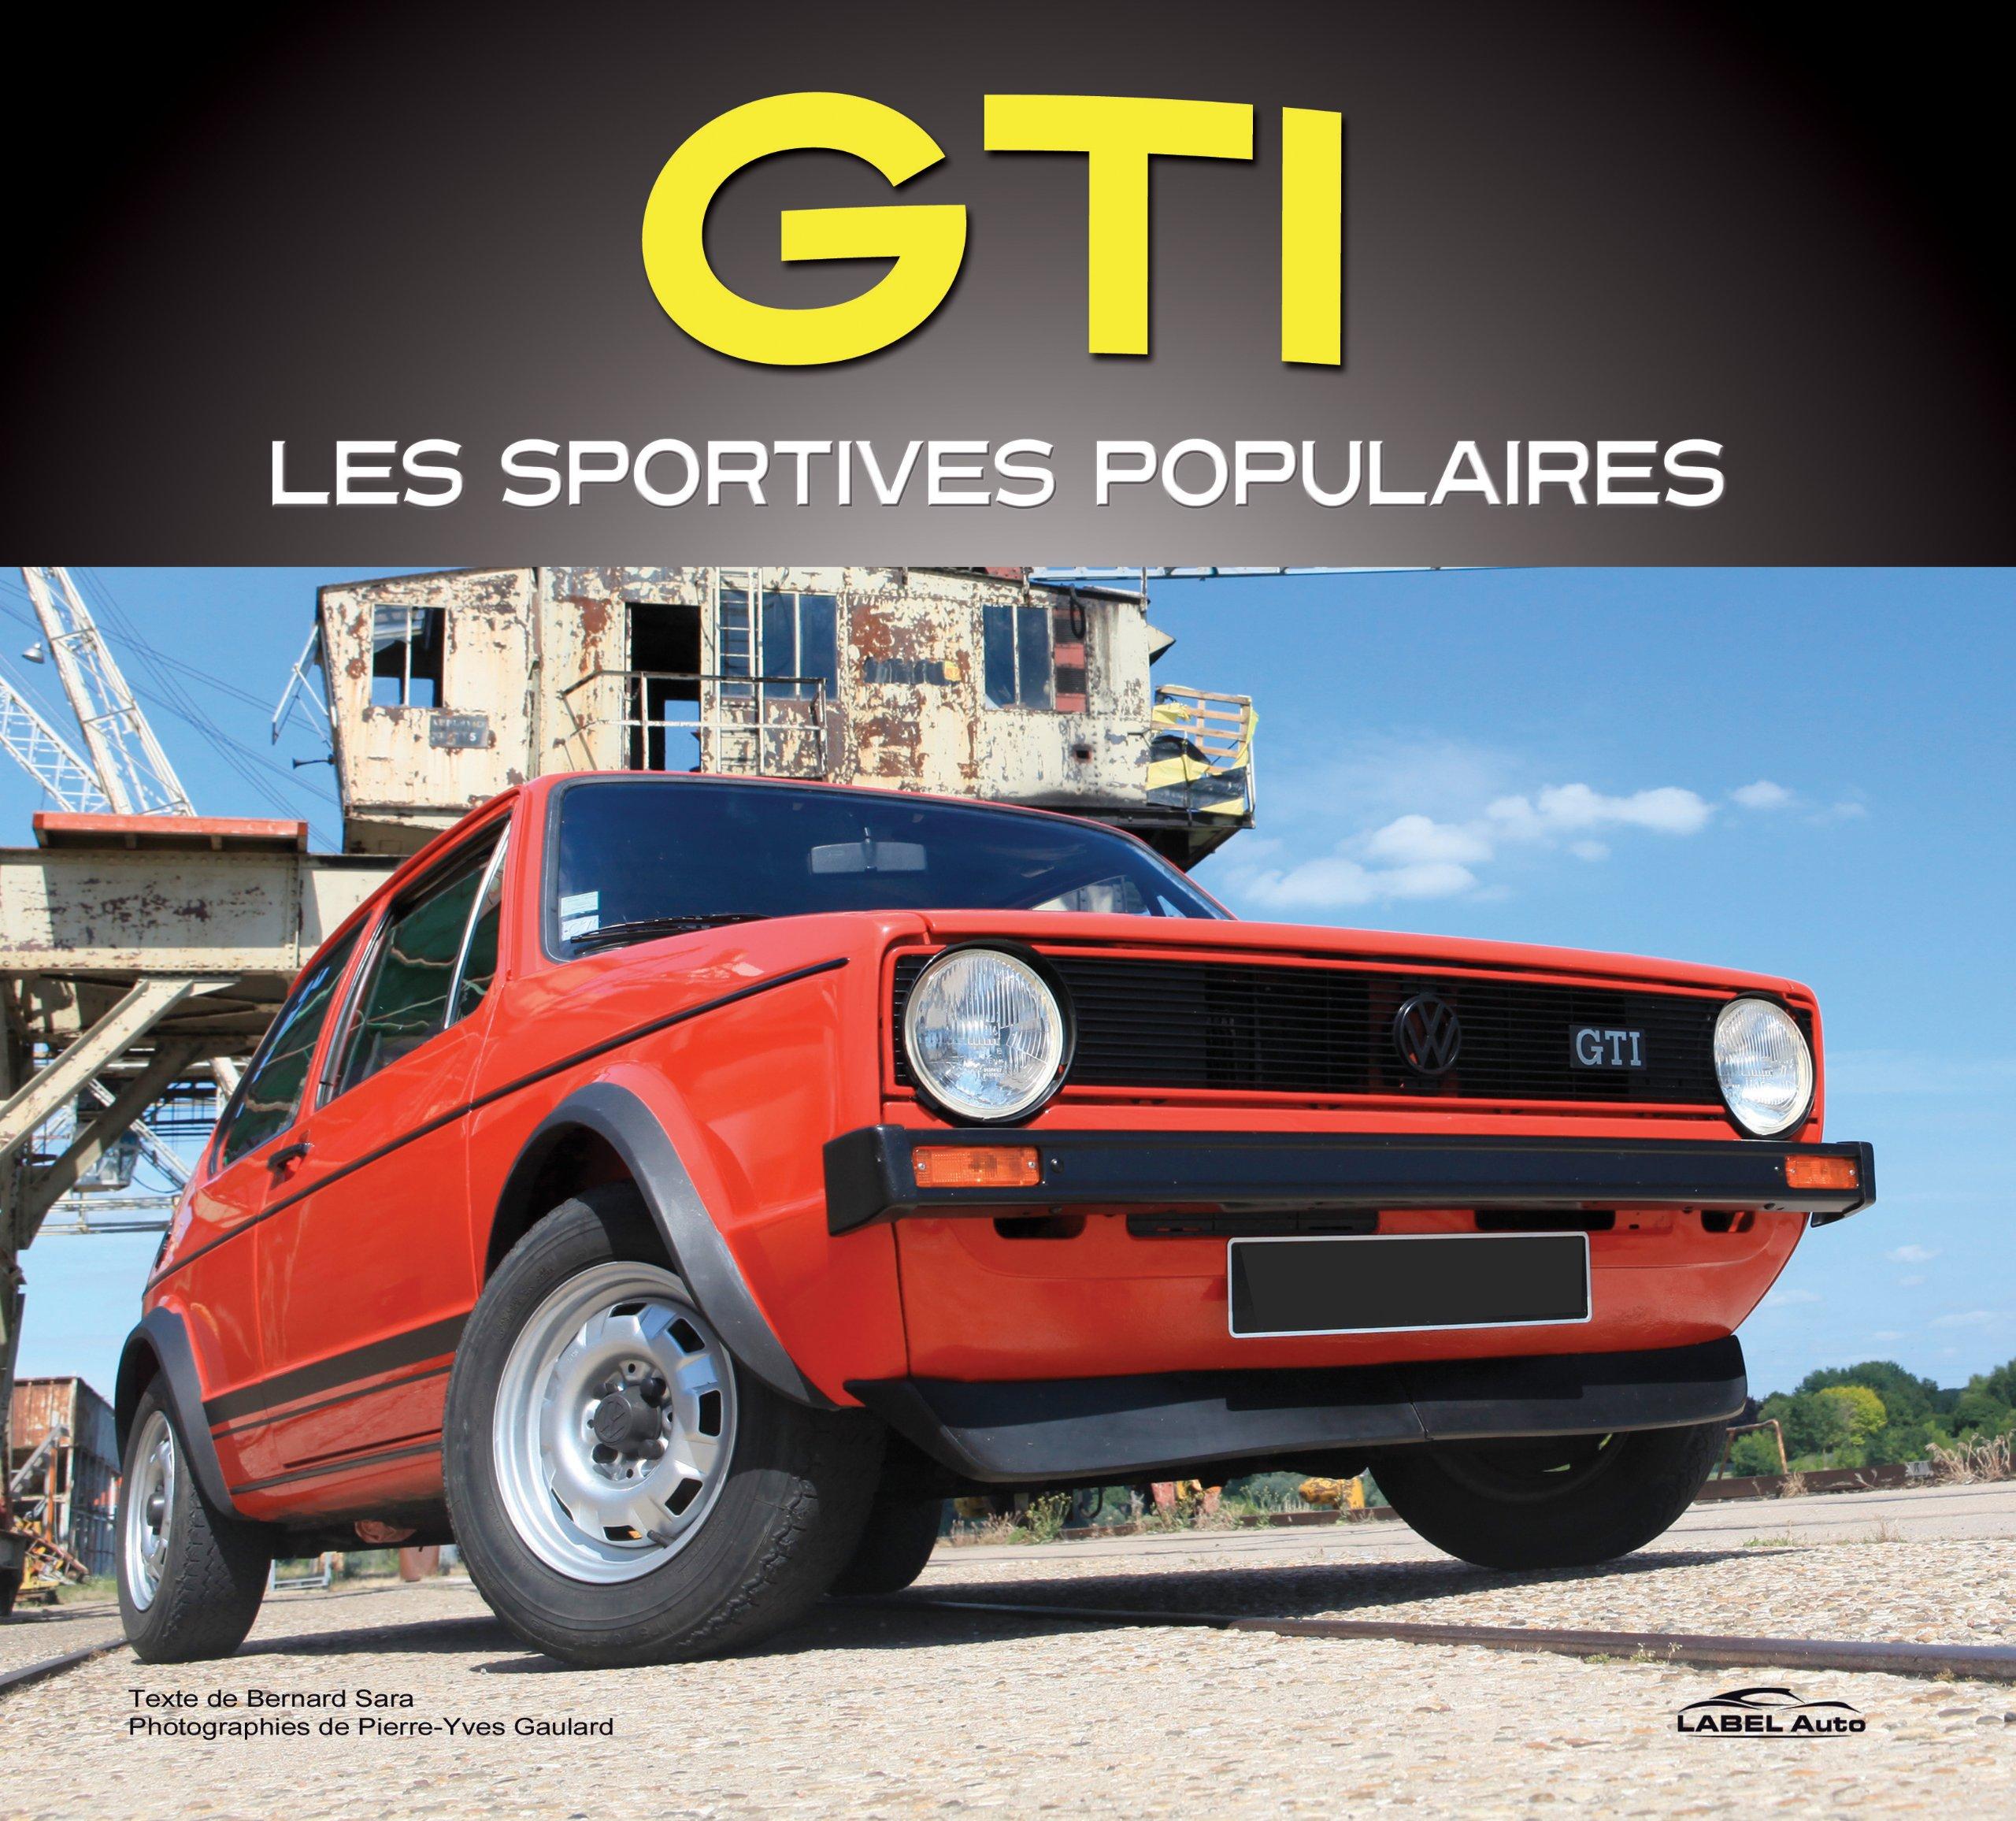 GTI, les sportives populaires: Amazon.es: Bernard Sara: Libros en idiomas extranjeros